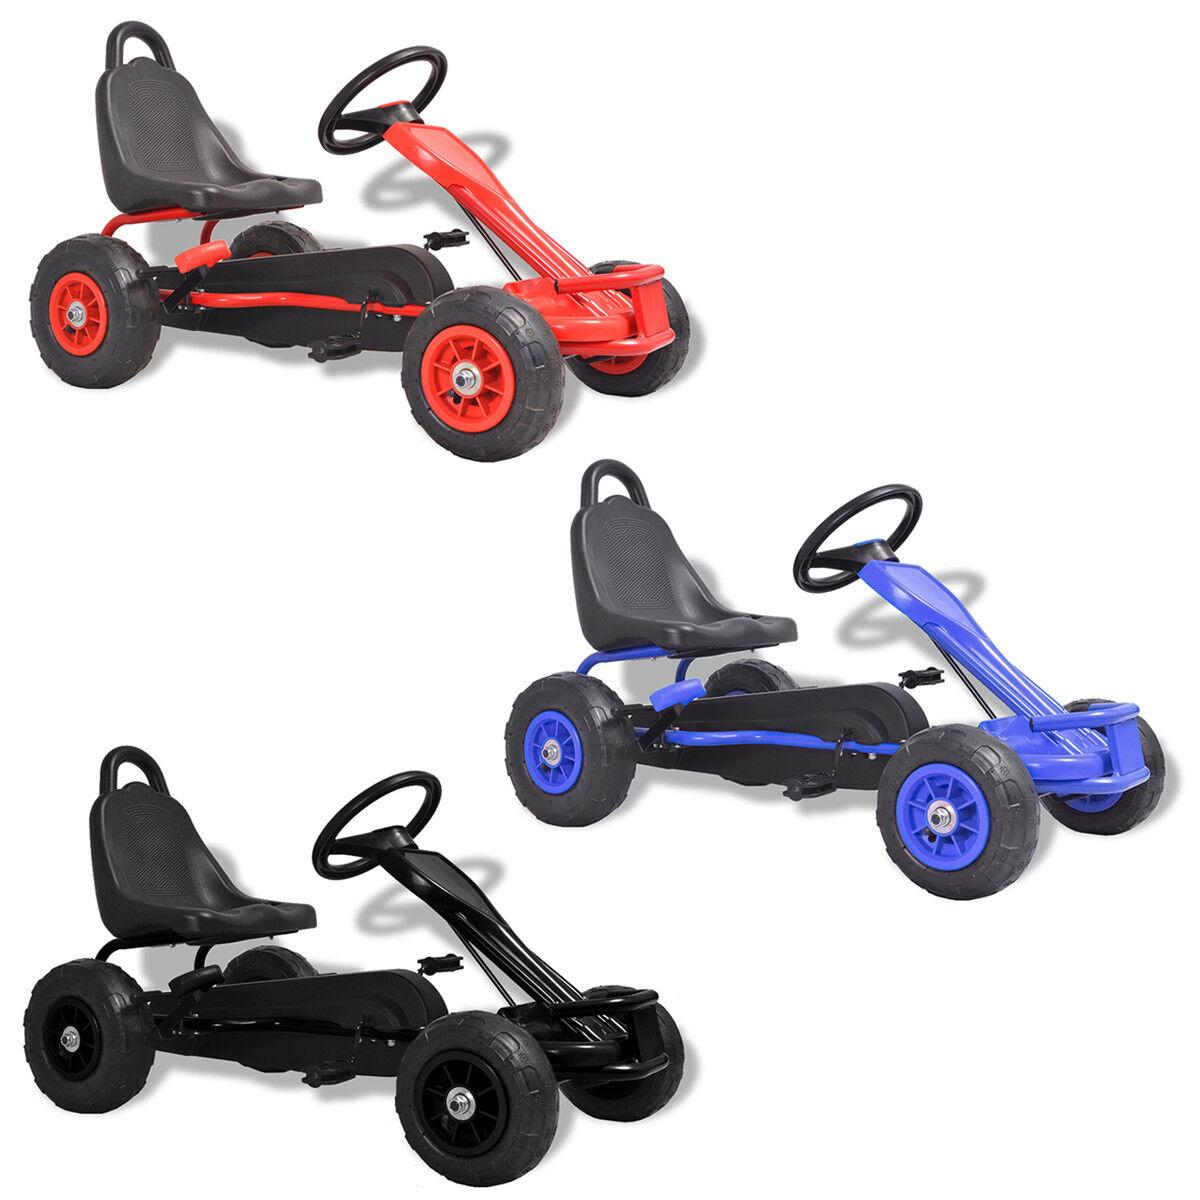 vidaXL Go Kart a Pedali con Pneumatici Gioco da Esterno Bambini Colori Diversi